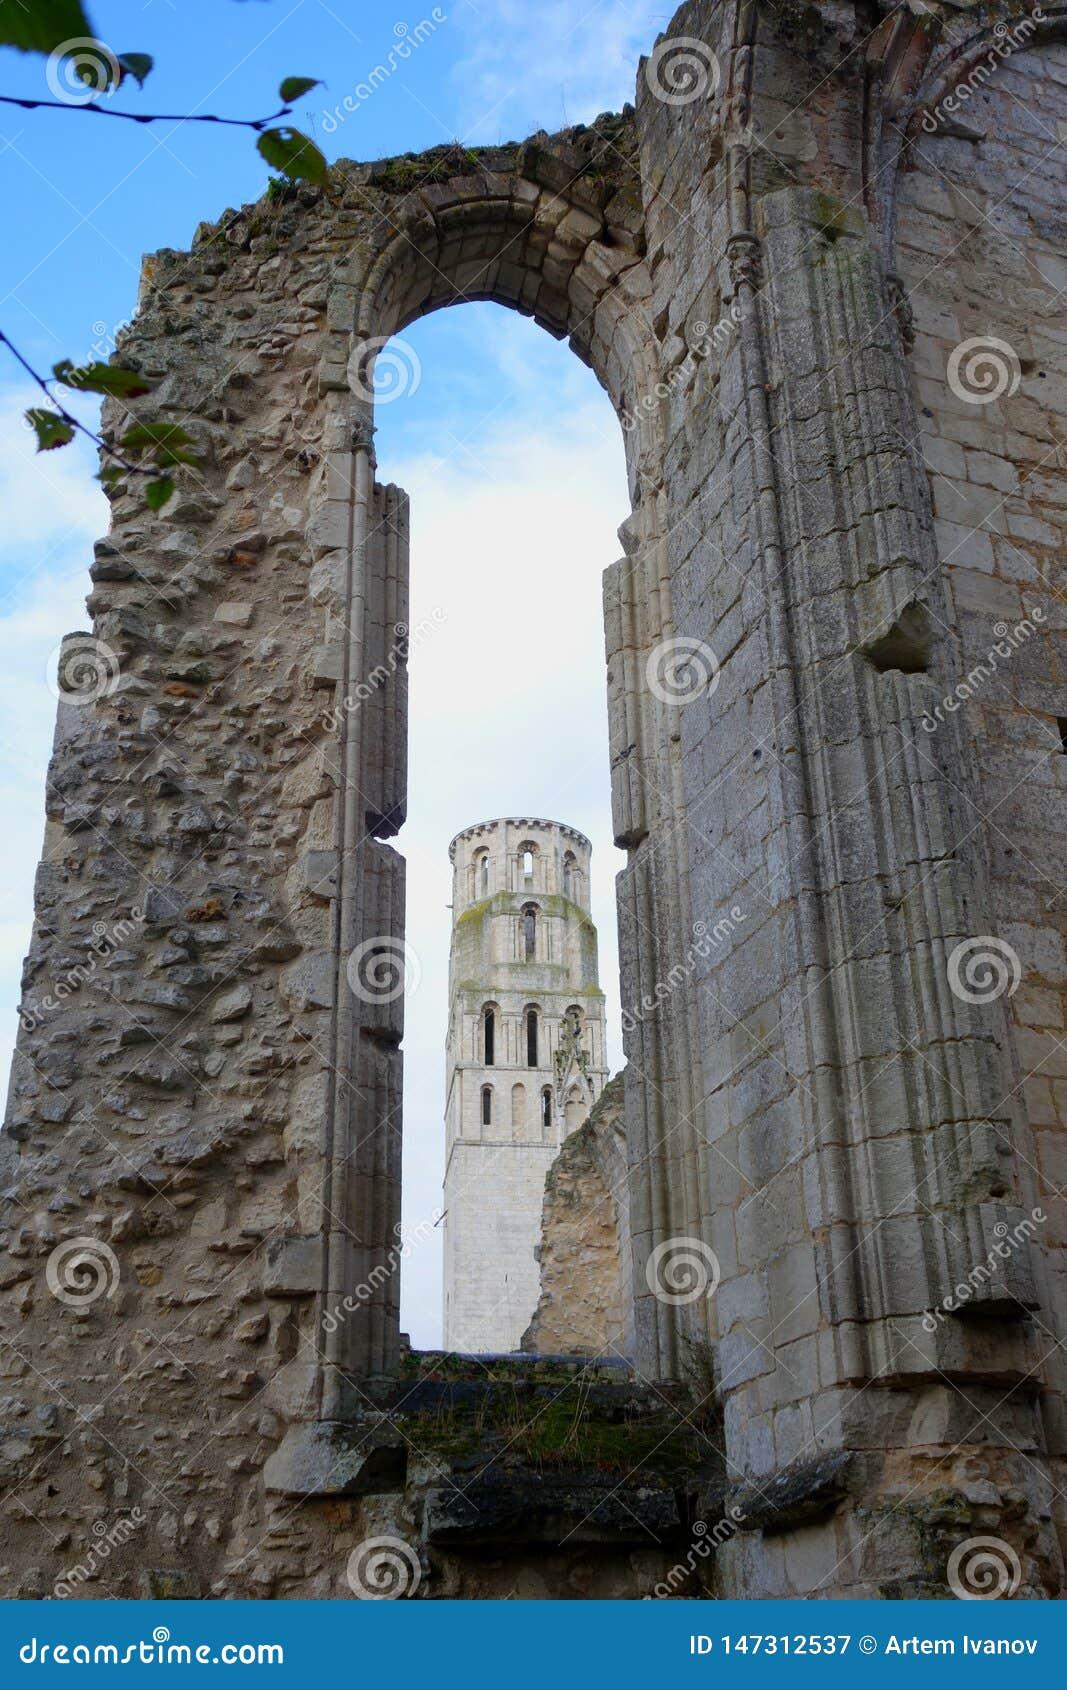 Γούρνα άποψης το παράθυρο στον τοίχο της γοτθικής εκκλησίας